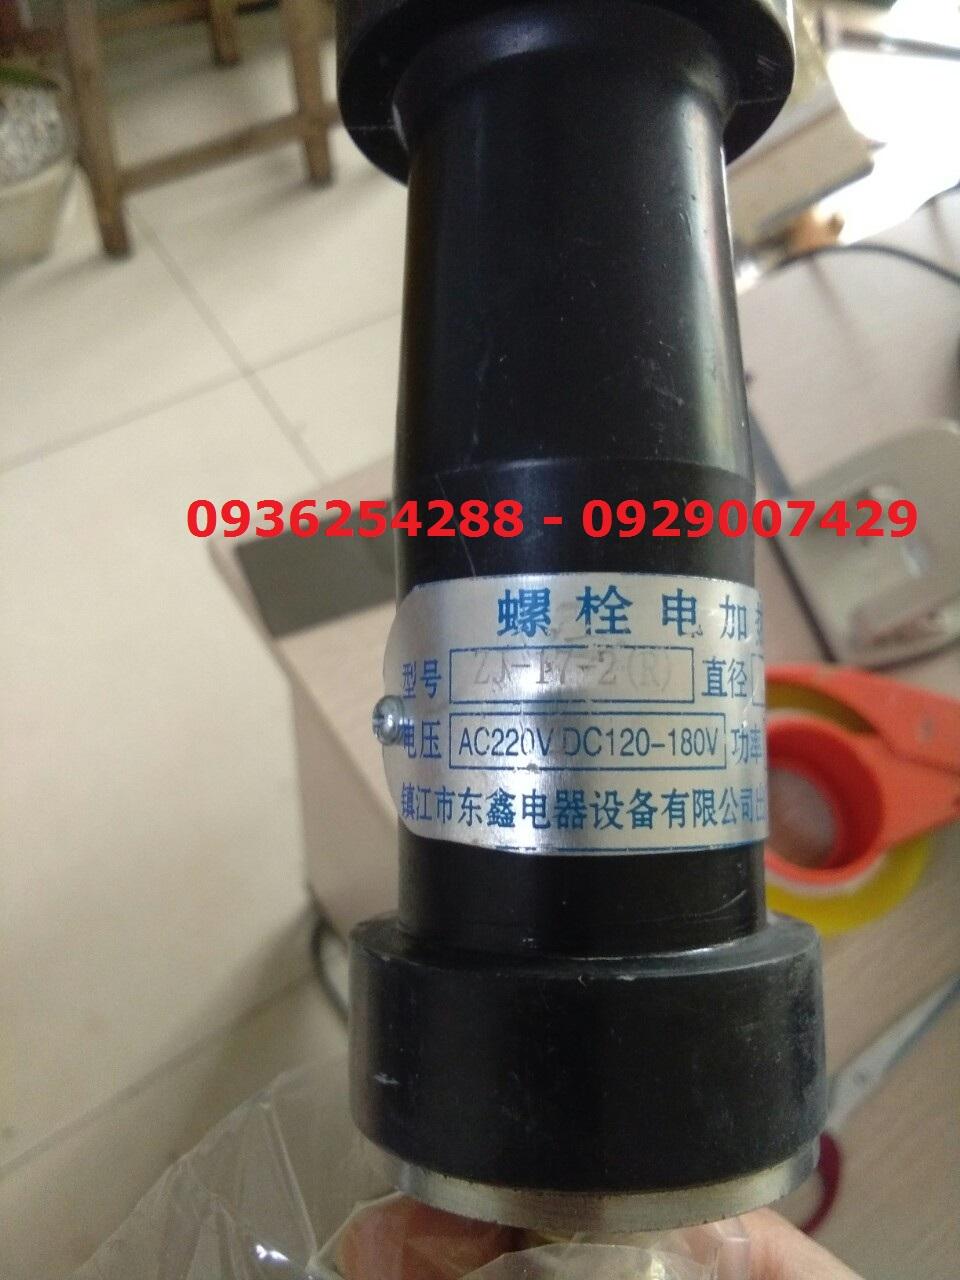 Bộ gia nhiệt bu lông ZJ-17-2 (R)